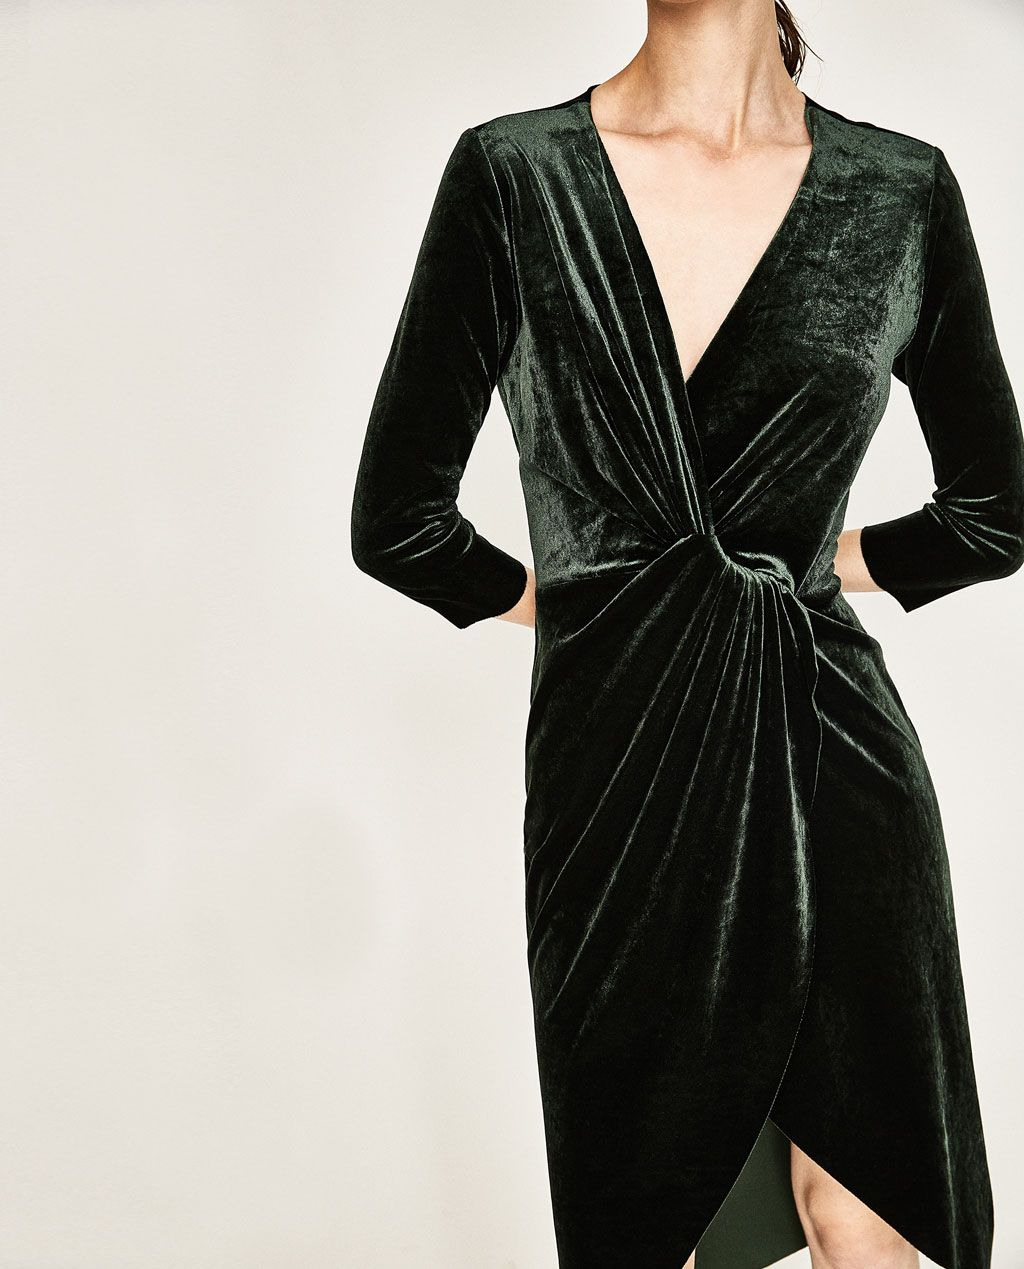 15 Schön Zara Abendkleid DesignAbend Cool Zara Abendkleid Boutique